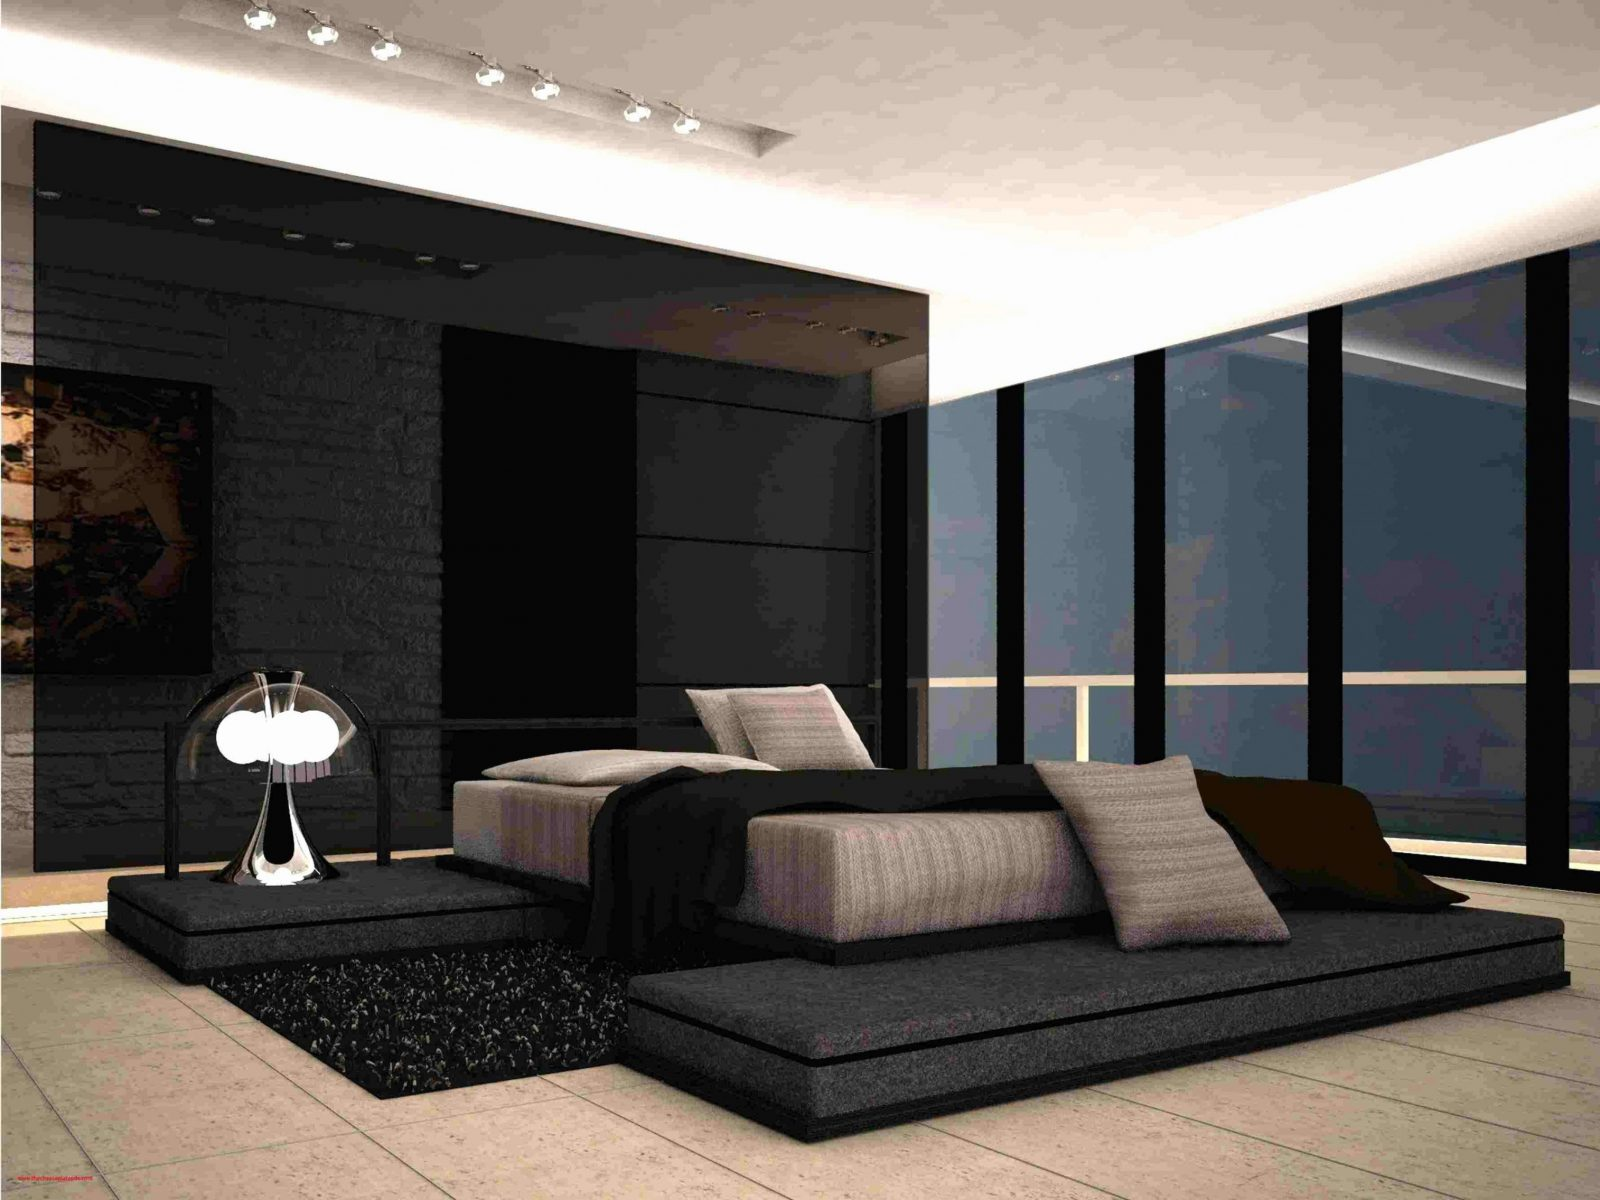 Deko Wohnzimmer Einzigartig Best Pflanzen Dekoration von Pflanzen Dekoration Wohnzimmer Photo